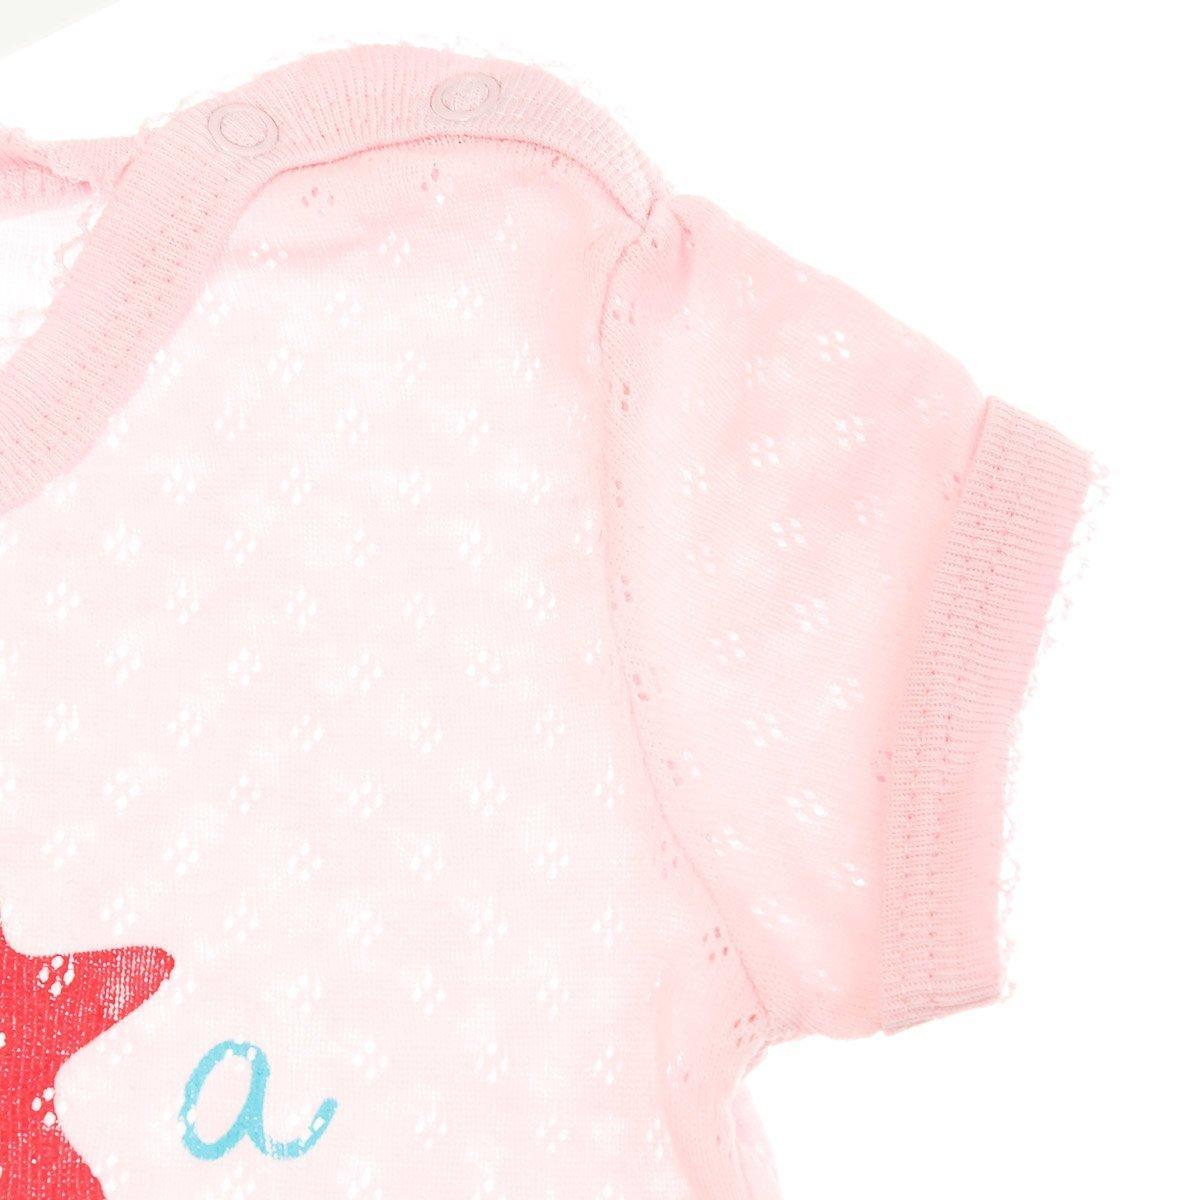 Боди SMIL Starfish розовый, р. 74 102428 ТМ: SMIL